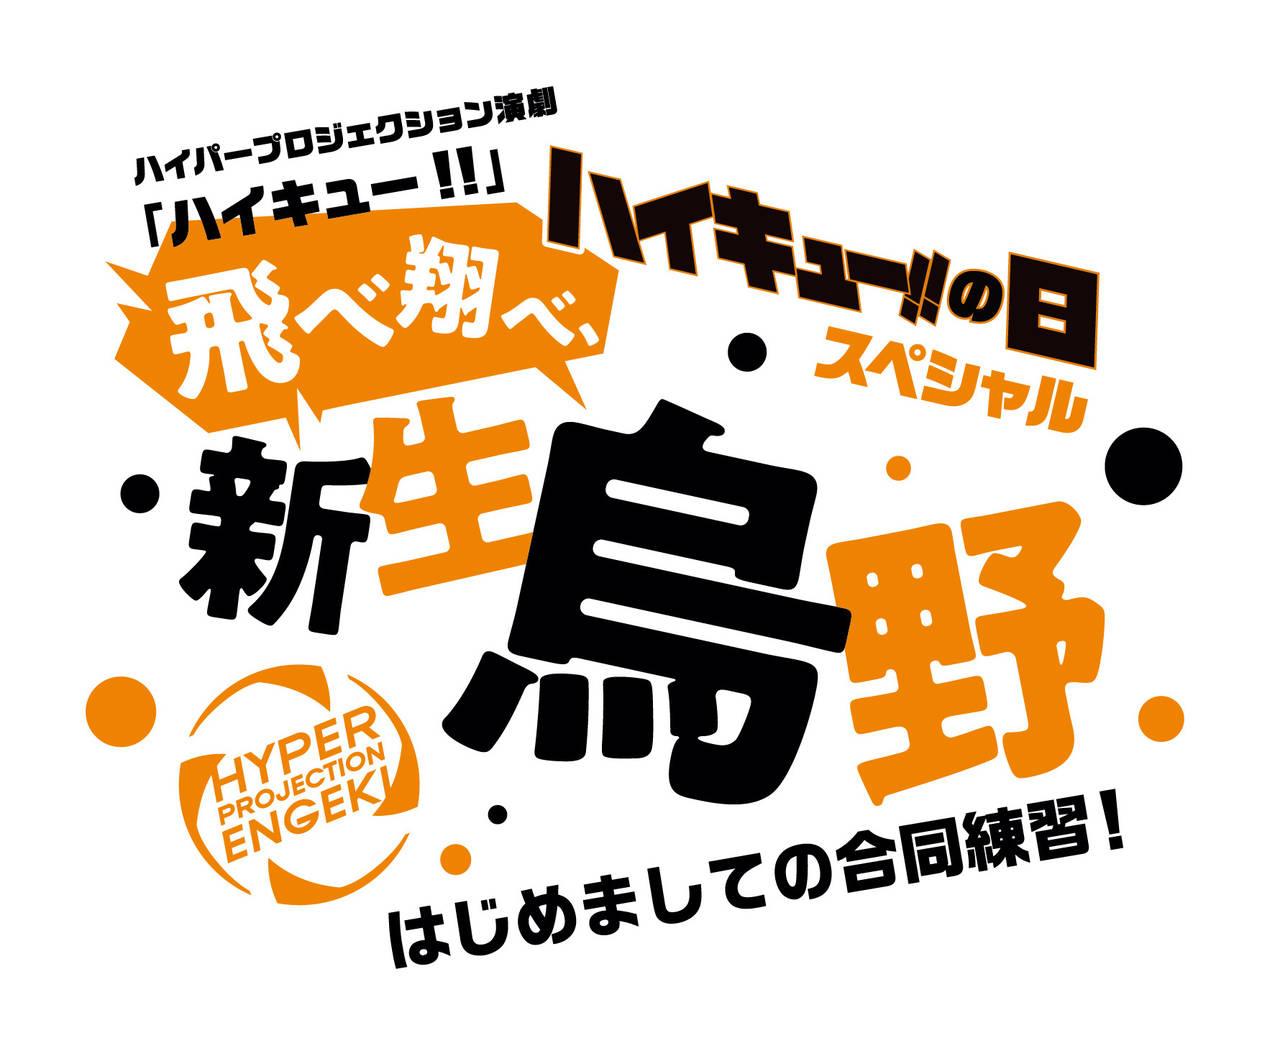 演劇『ハイキュー!!』最新公演のゲネプロ映像配信が決定!歴代9作品も〝「ハイキュー!!」価格で!6